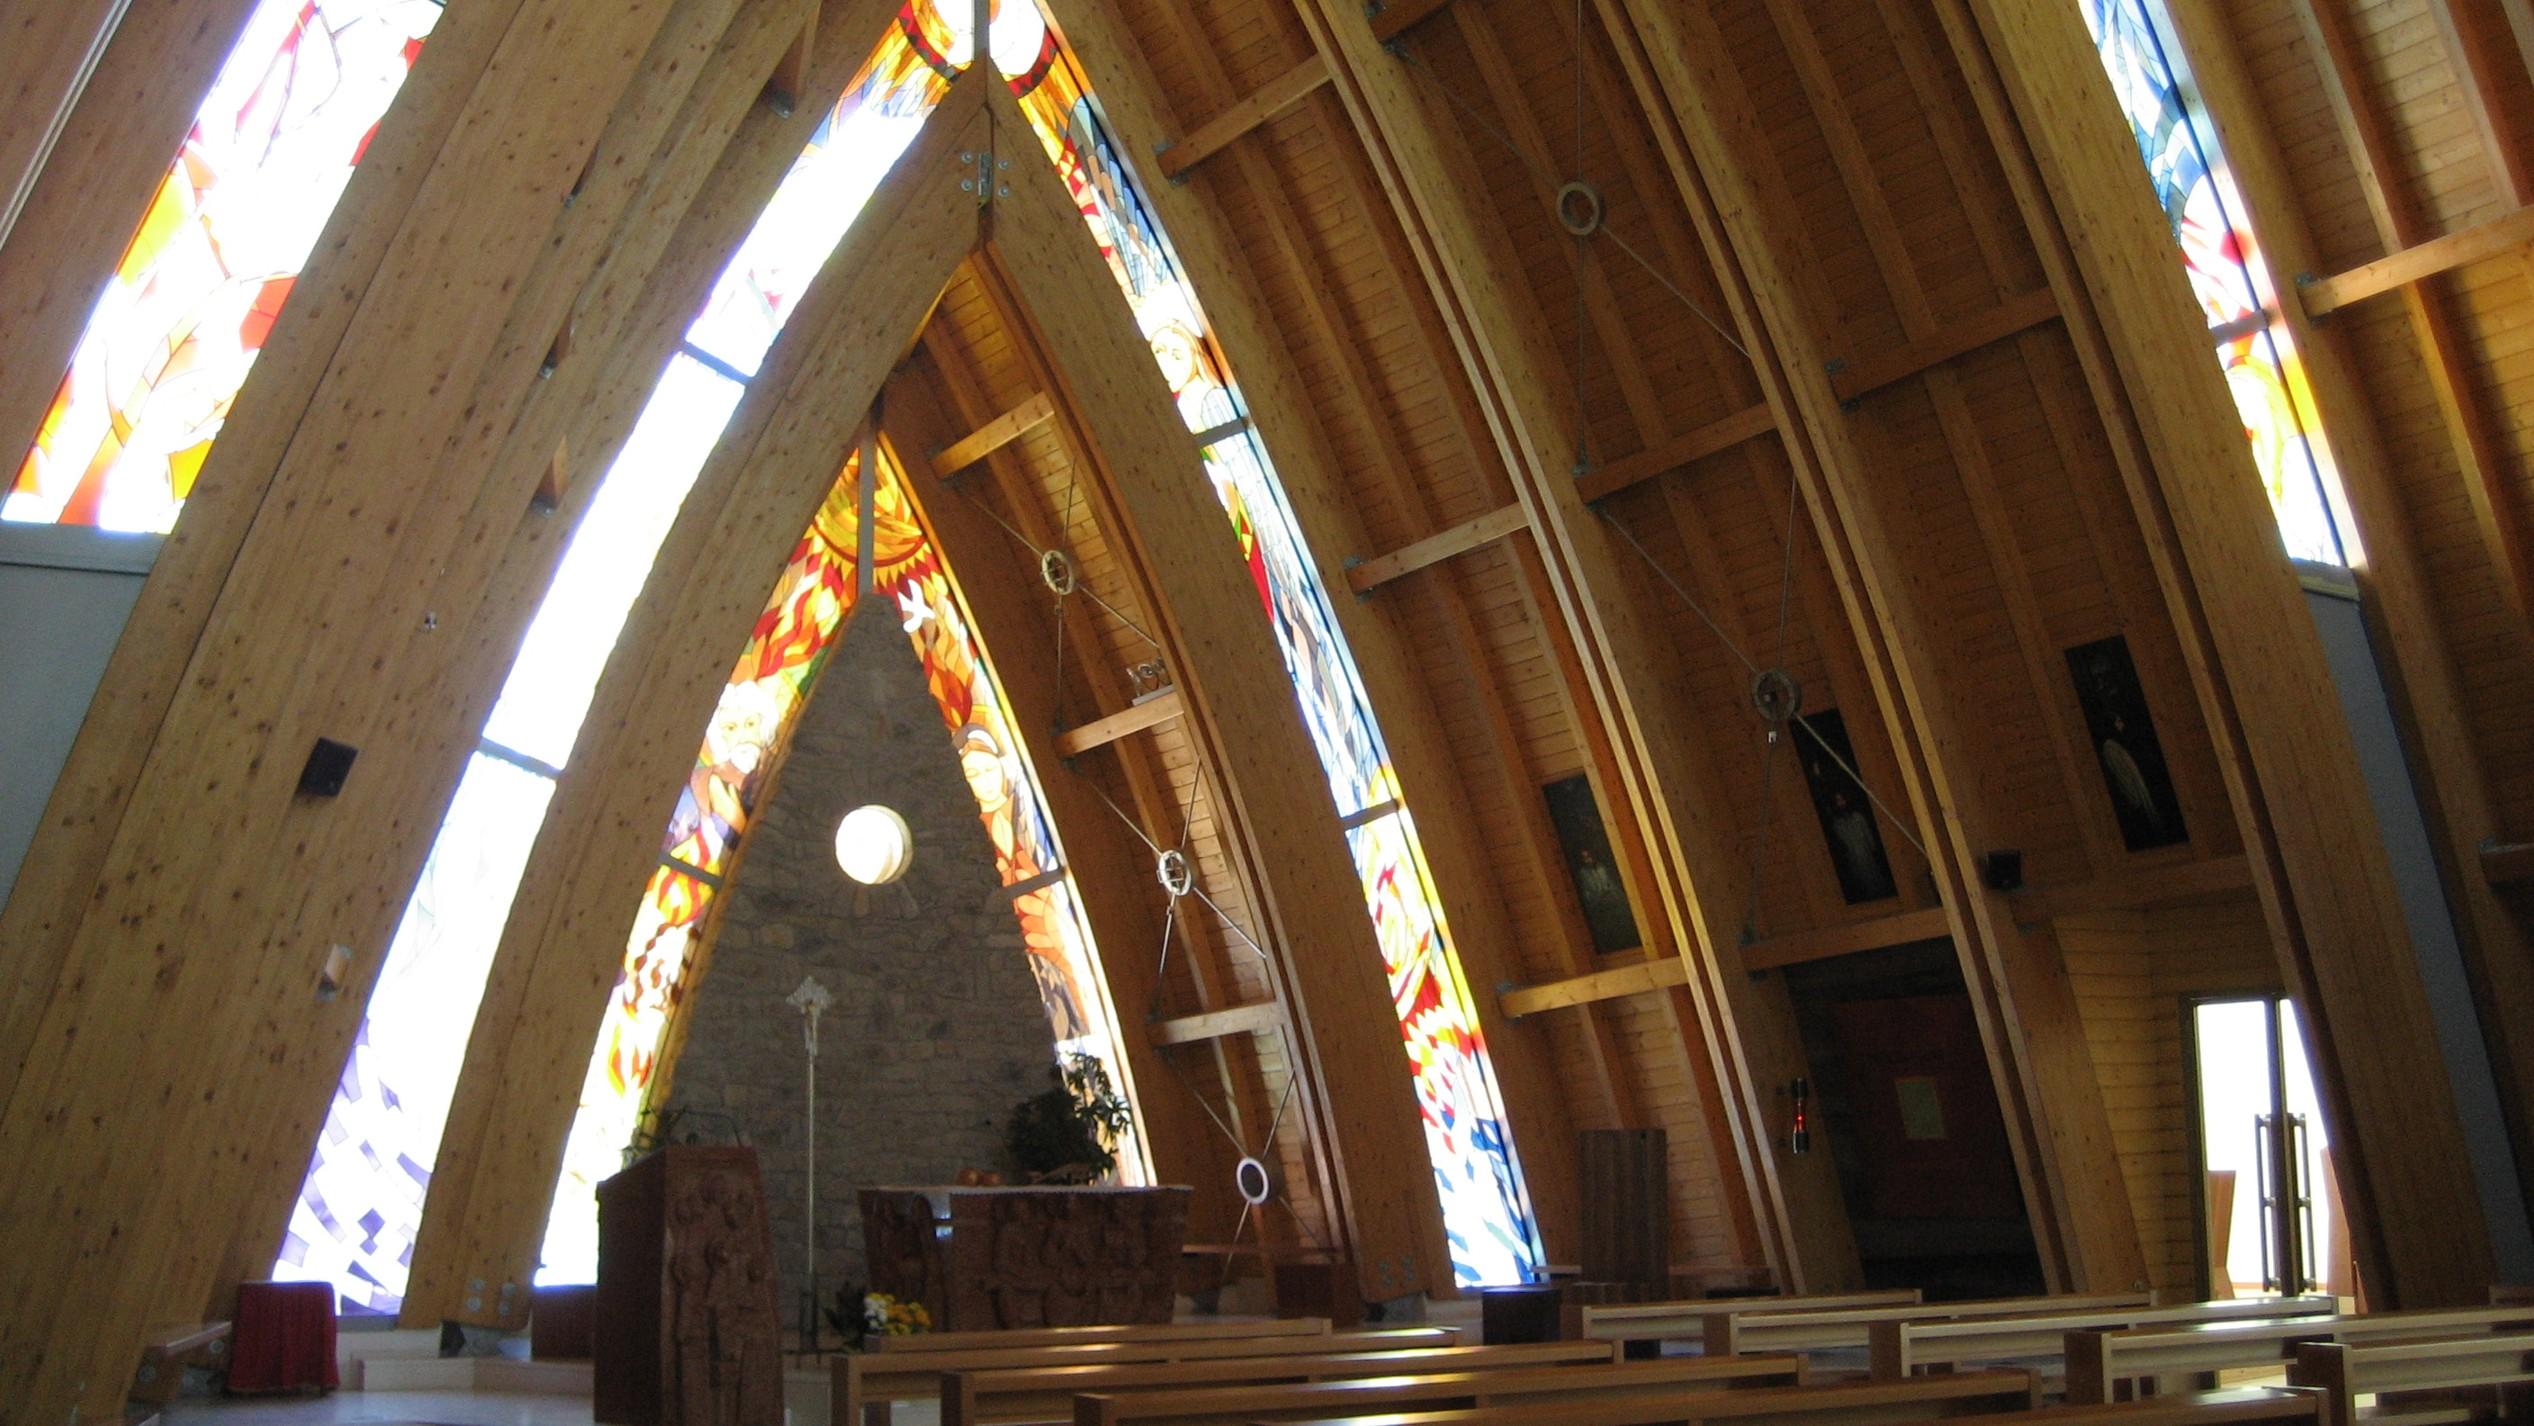 Mas Peron Church Belluno